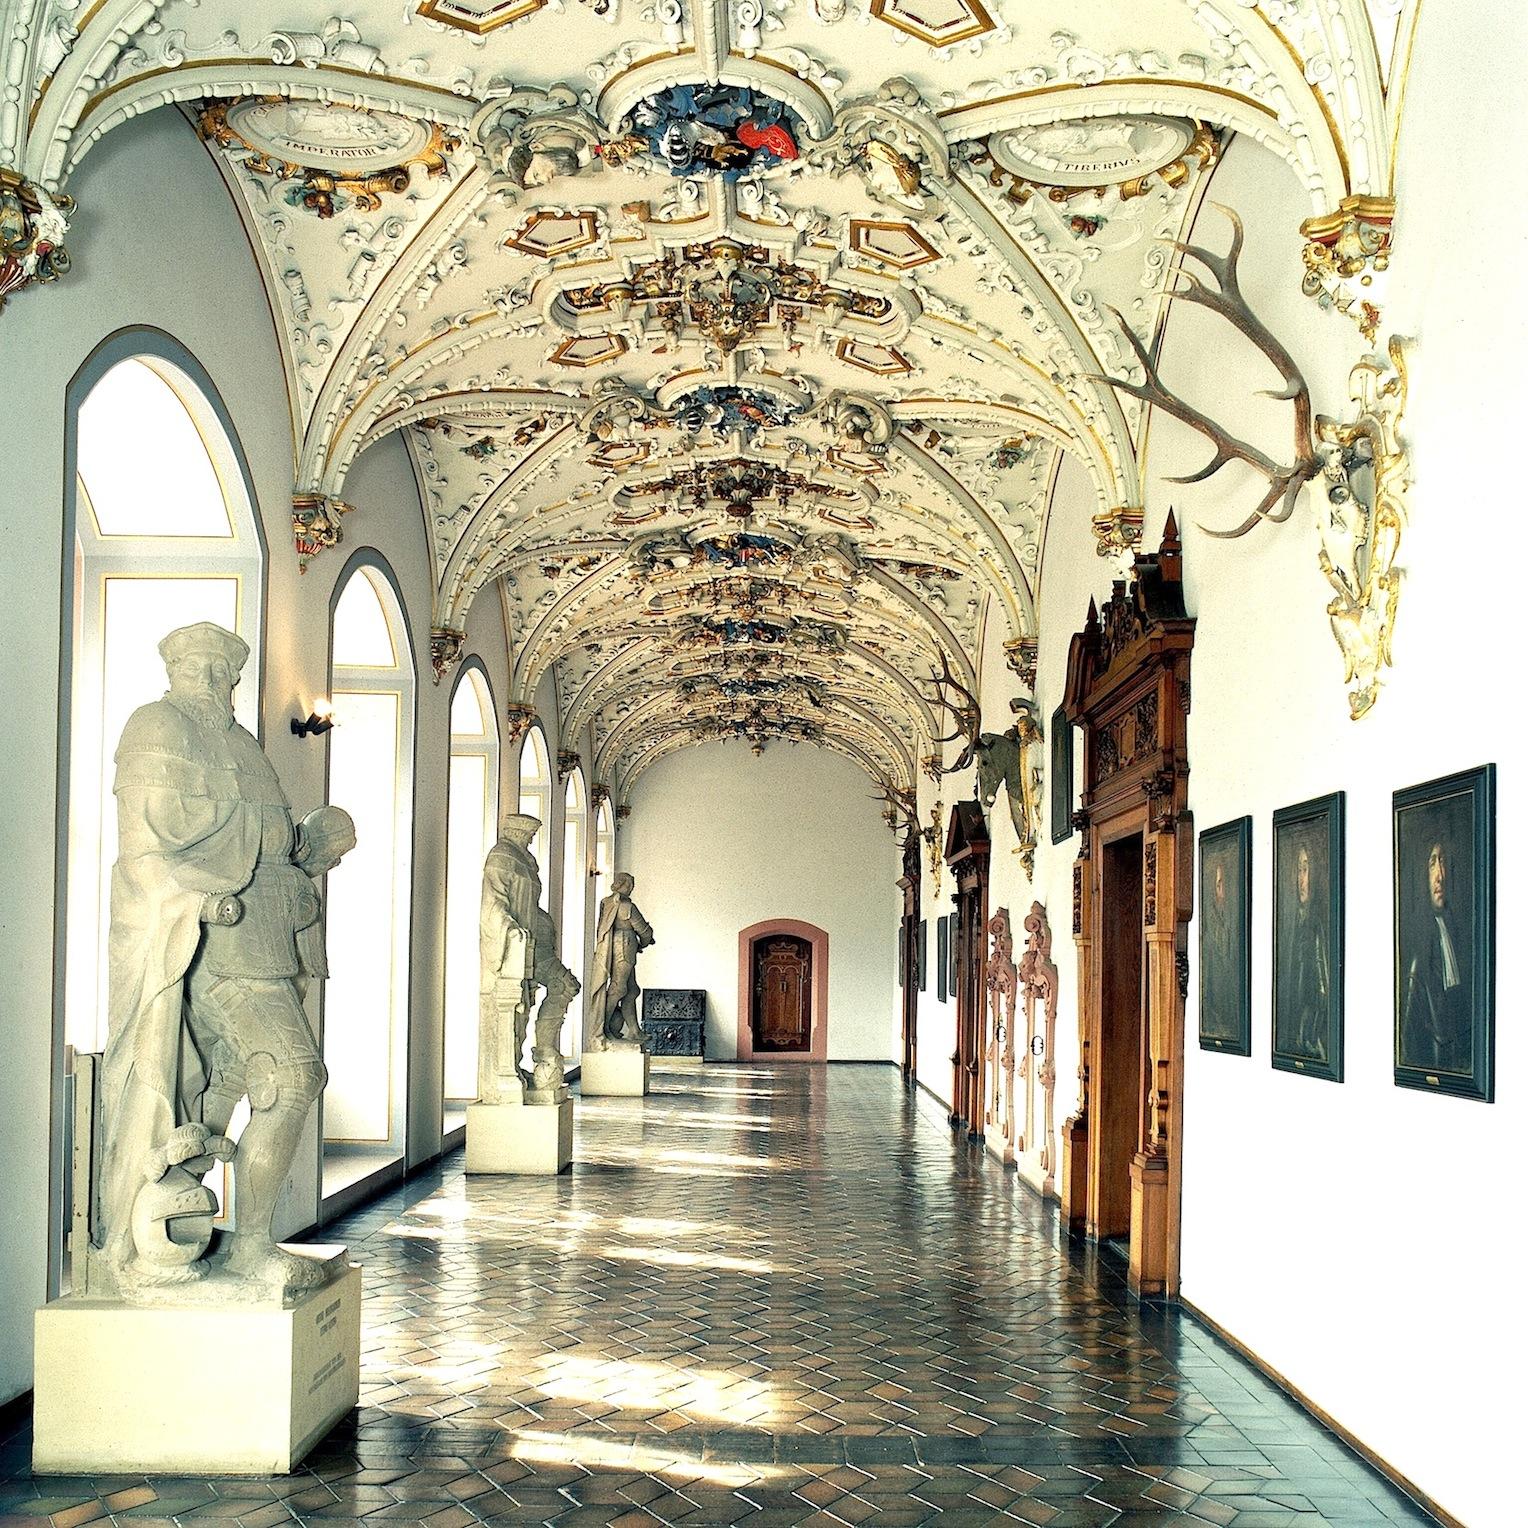 Einige Teile des Heidelberger Schlosses haben Zerstörung und Verfall überstanden:Ende des 19. Jahrhunderts wurde unter anderem dieser Flur im Friedrichsbau mit einer Gewölbestuckdecke im Neorenaissance-Stil ausgestattet.